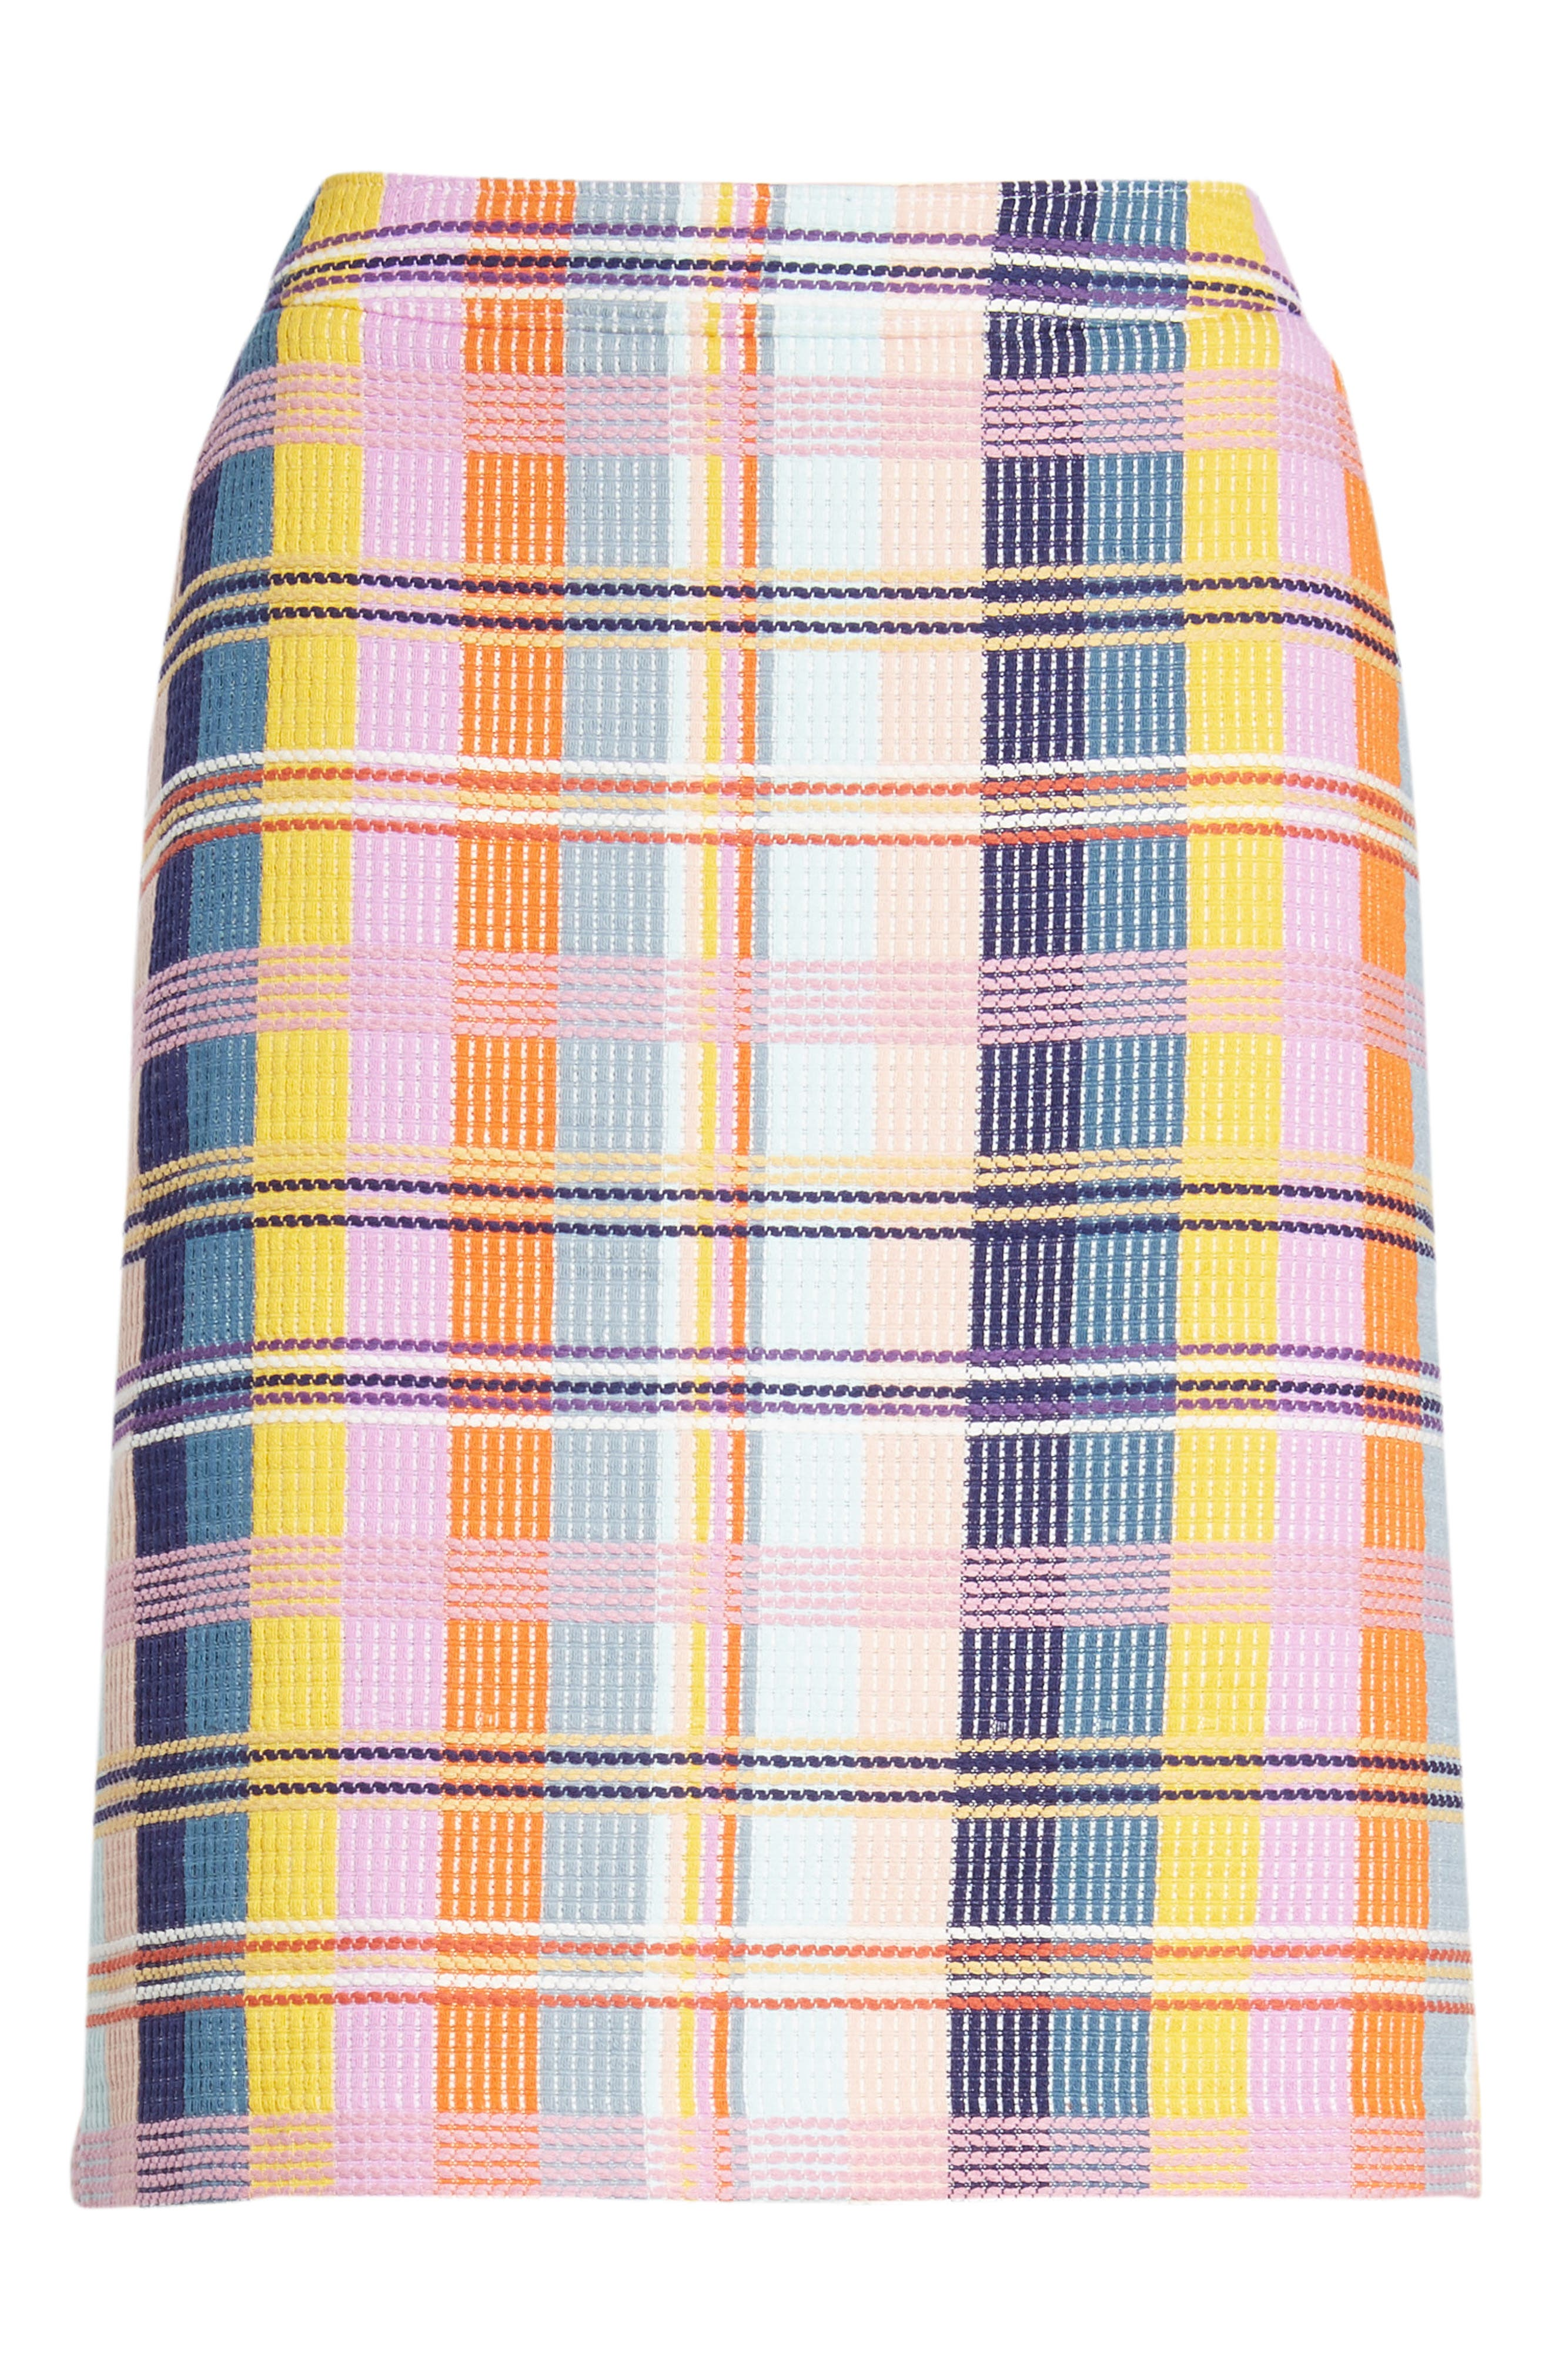 Plaid Tweed Pencil Skirt,                             Alternate thumbnail 6, color,                             BLUE MULTI TWEED